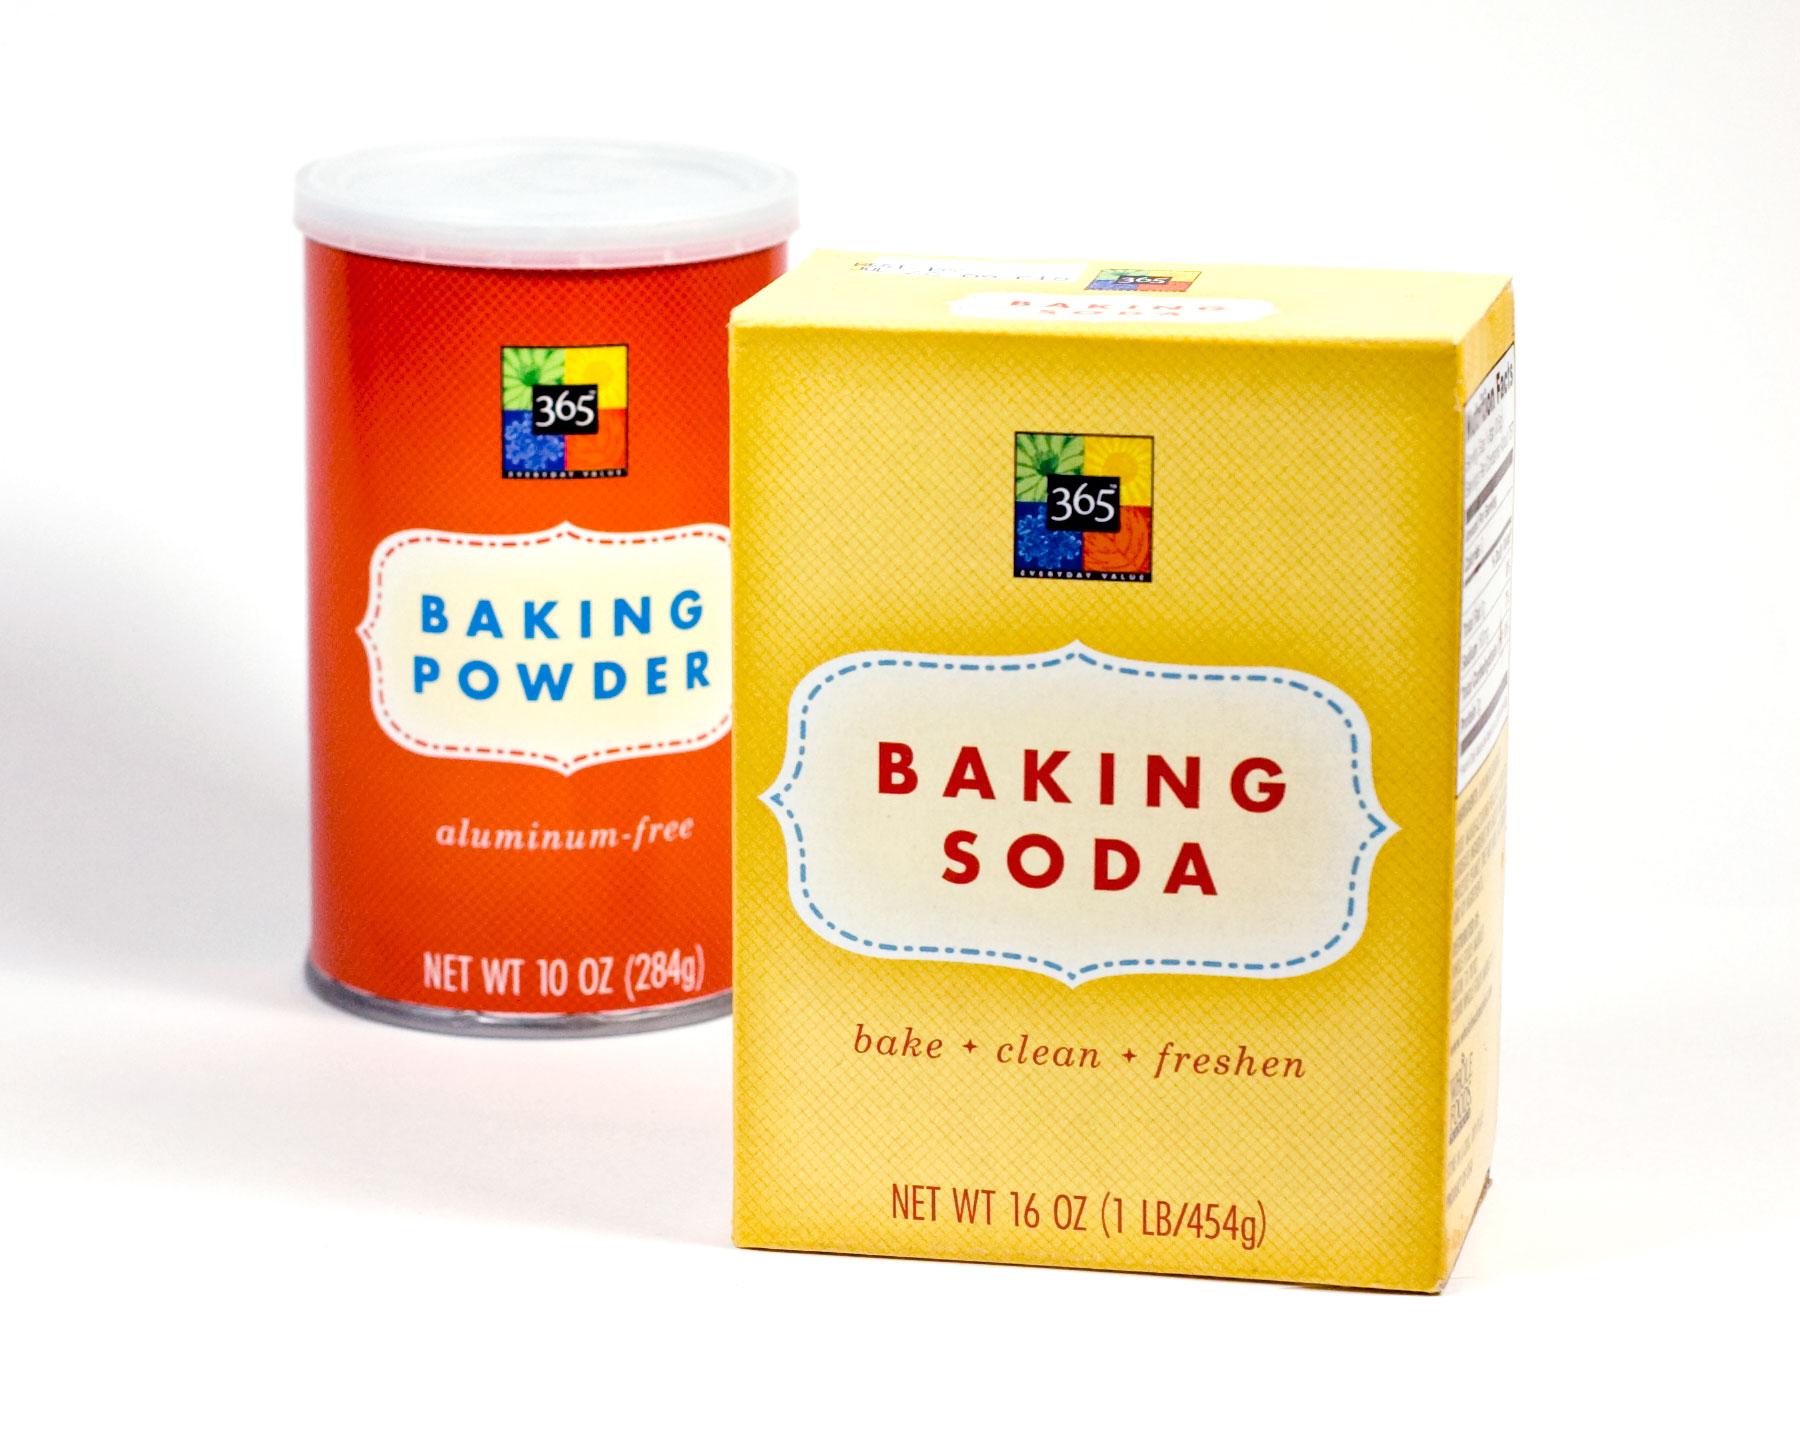 365 Baking